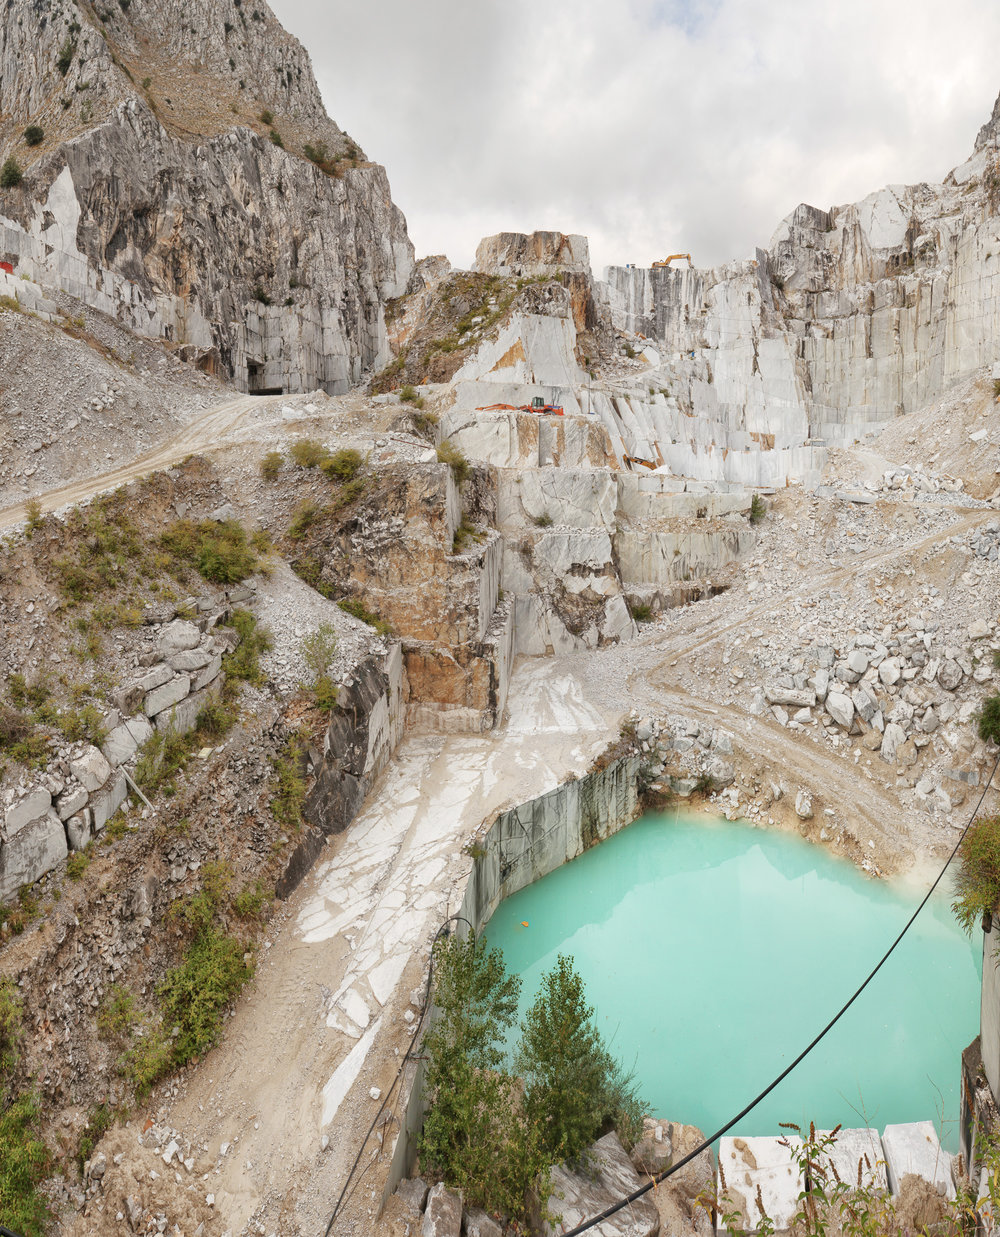 Lake II - Carrara, Italy 2015